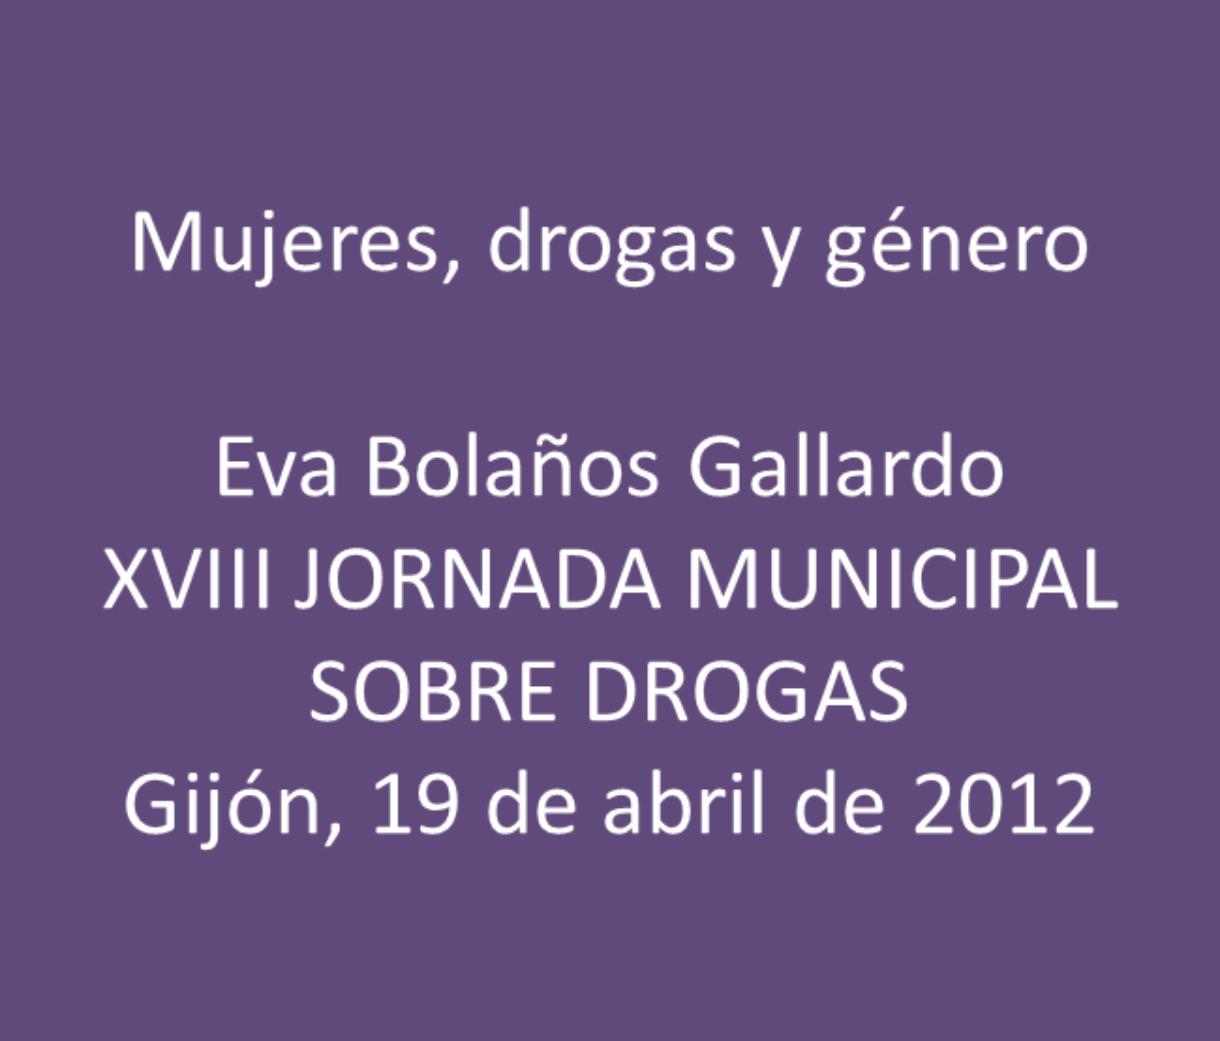 Bolaños, Eva: Mujeres, drogas y género